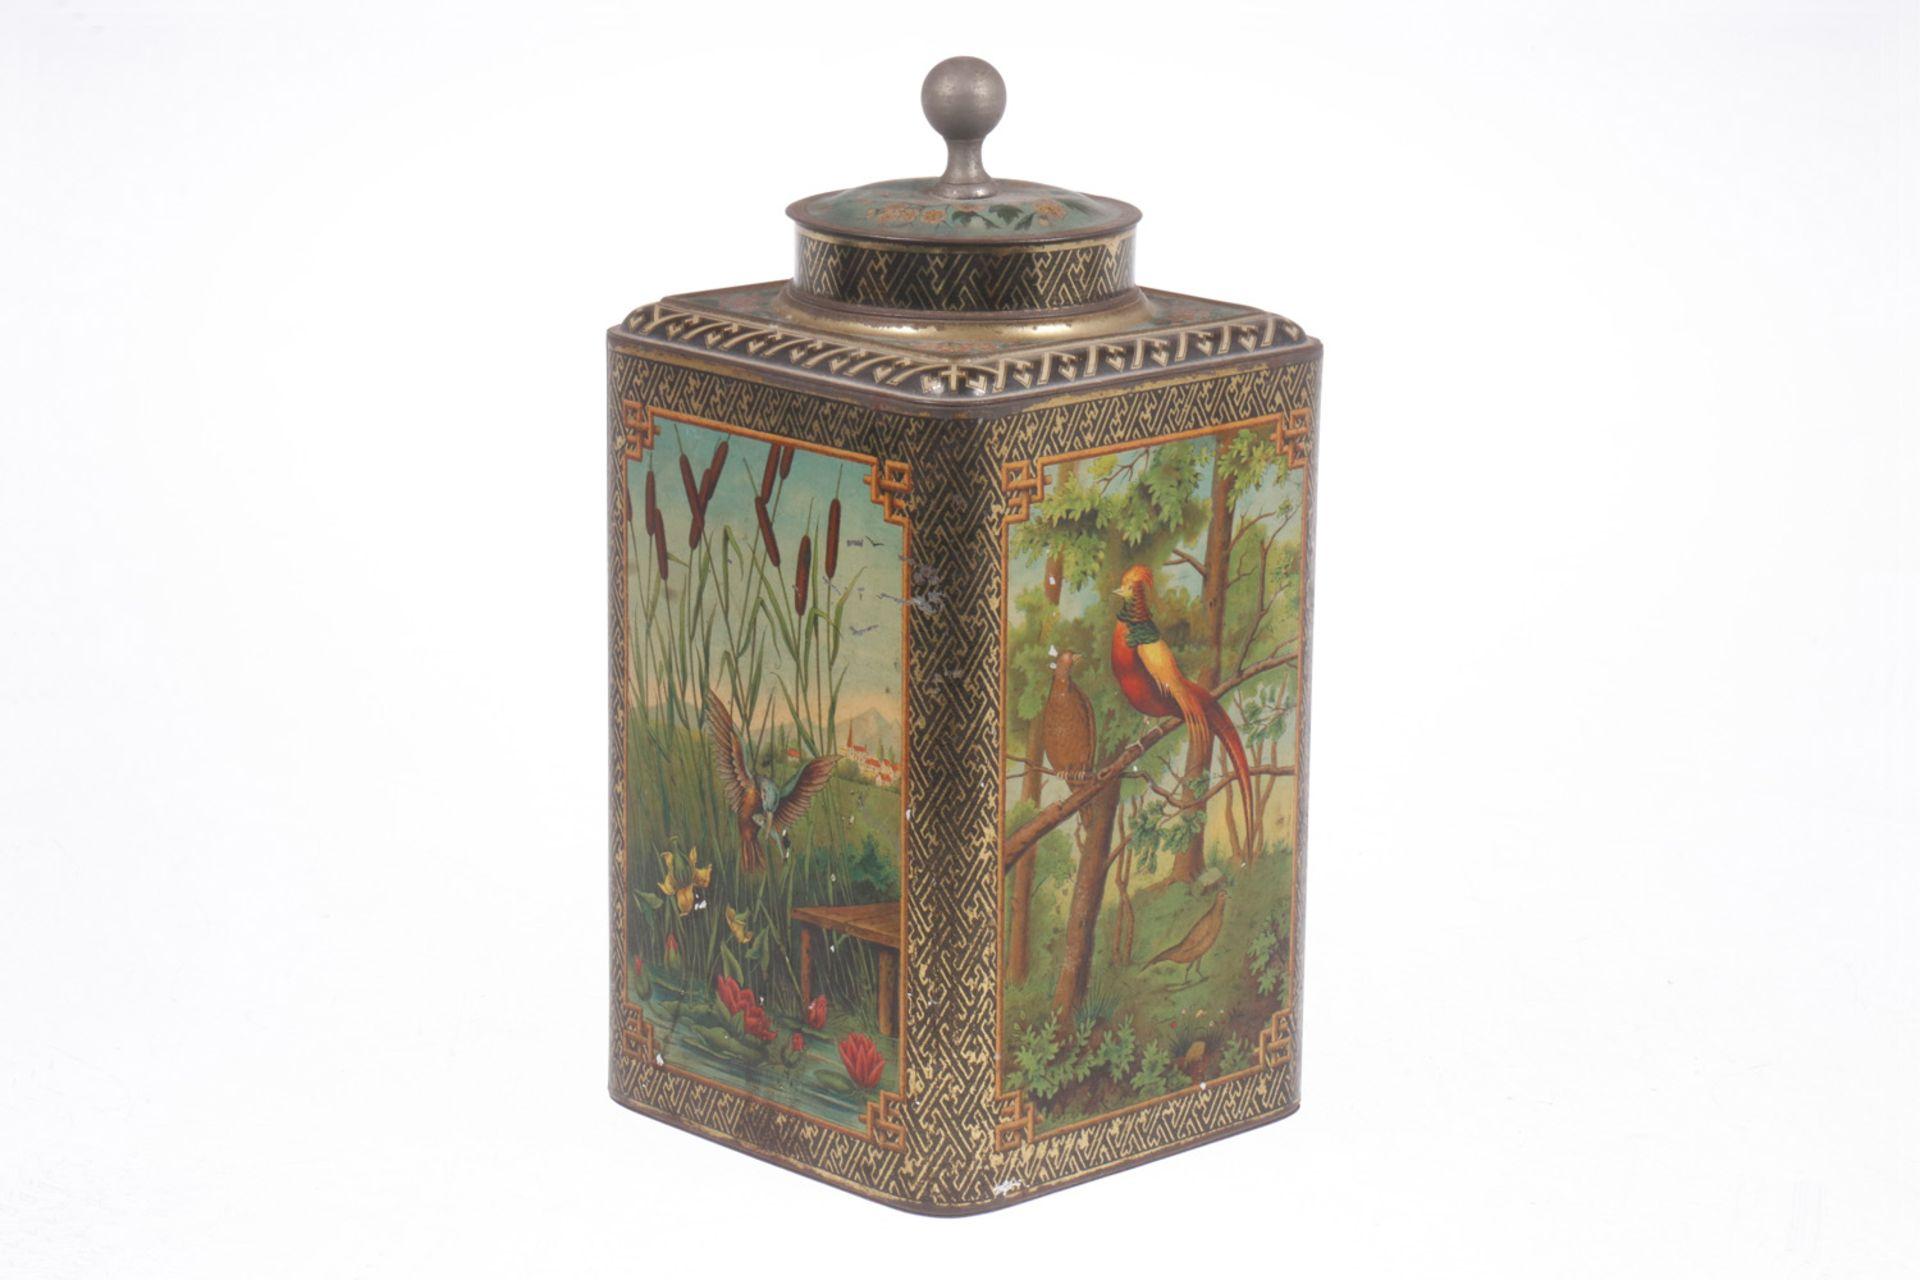 Blech-Teedose, mit Deckel, um 1900, Vogelmotiv, lithographiert, Höhe 31 cm, Z 2